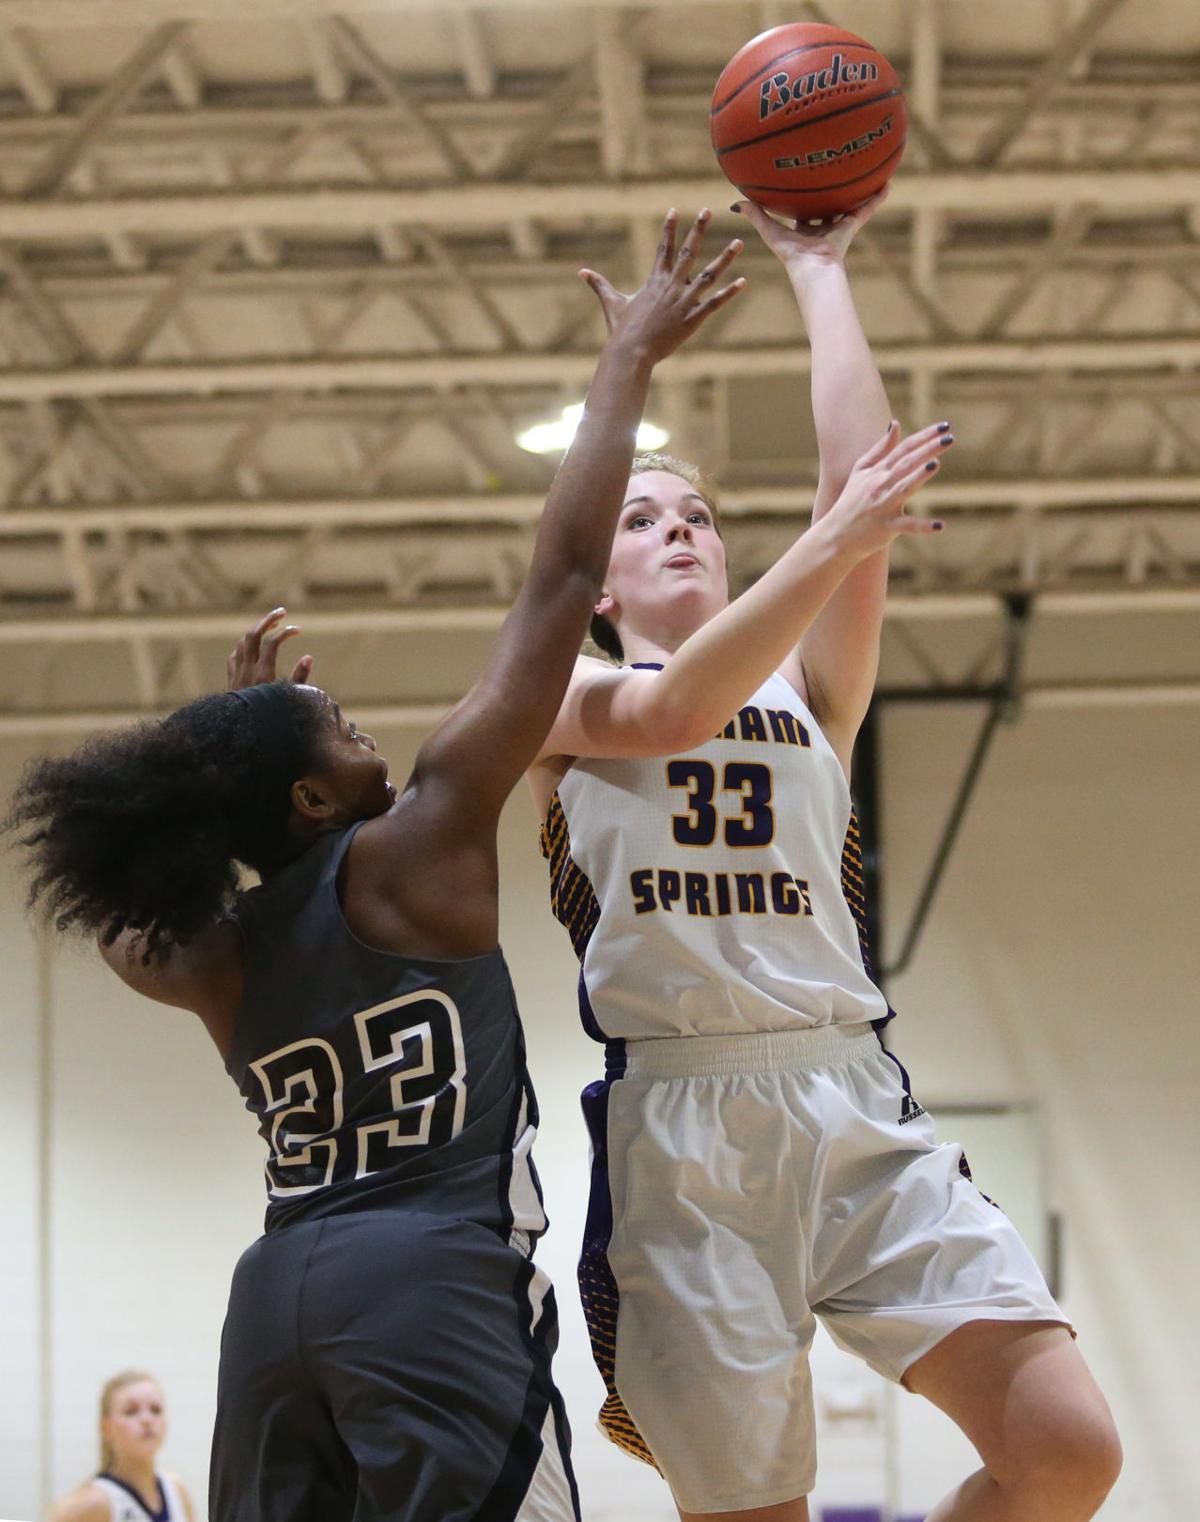 Denham vs Central Girls Basketball